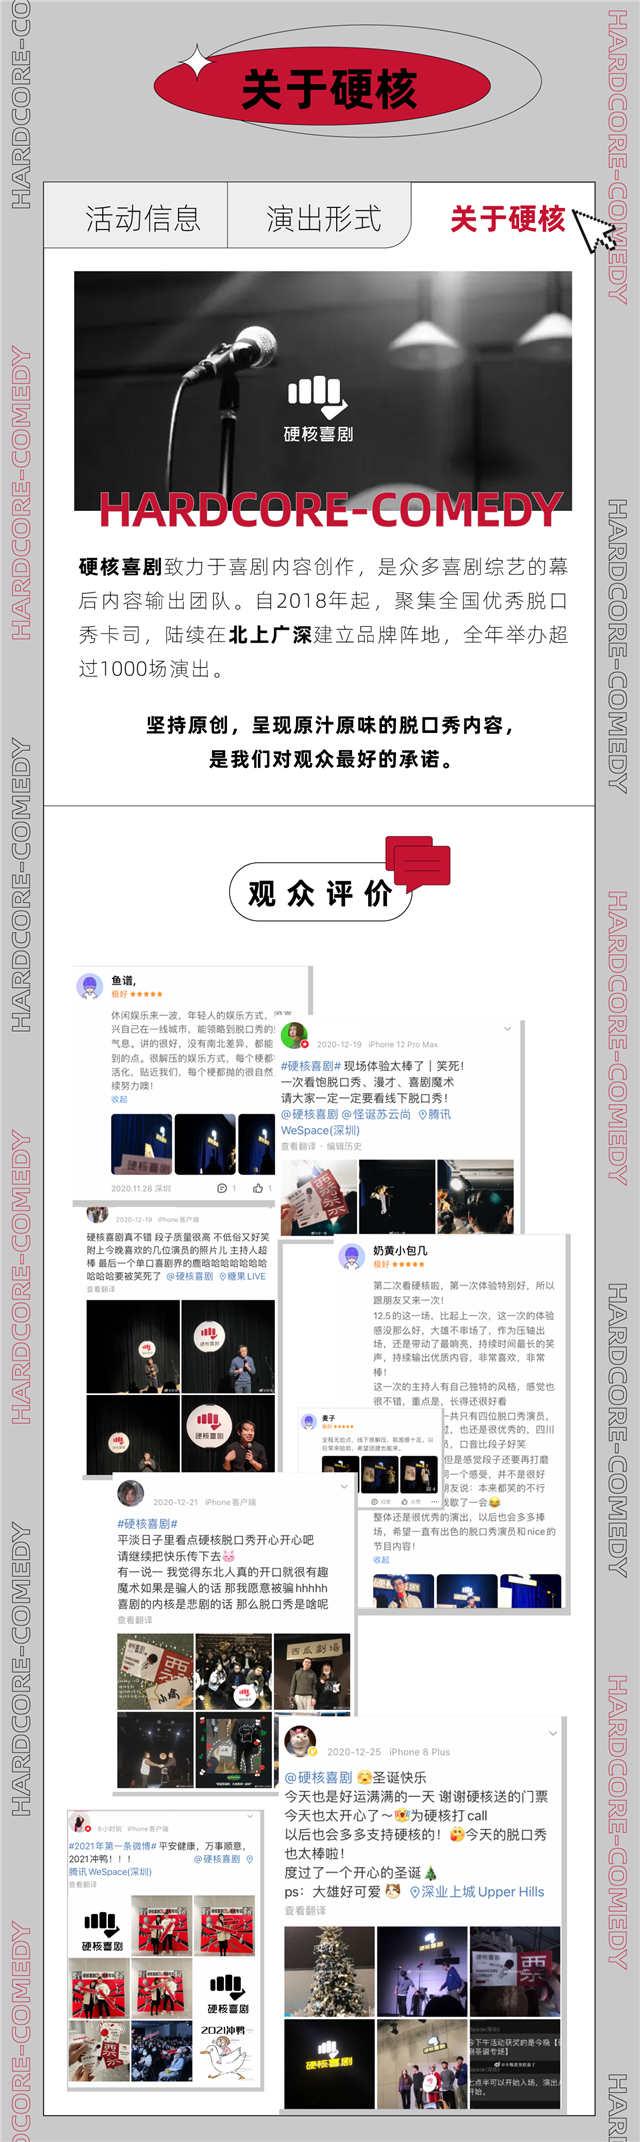 票务长图-什么是开放麦-上海_03.jpg